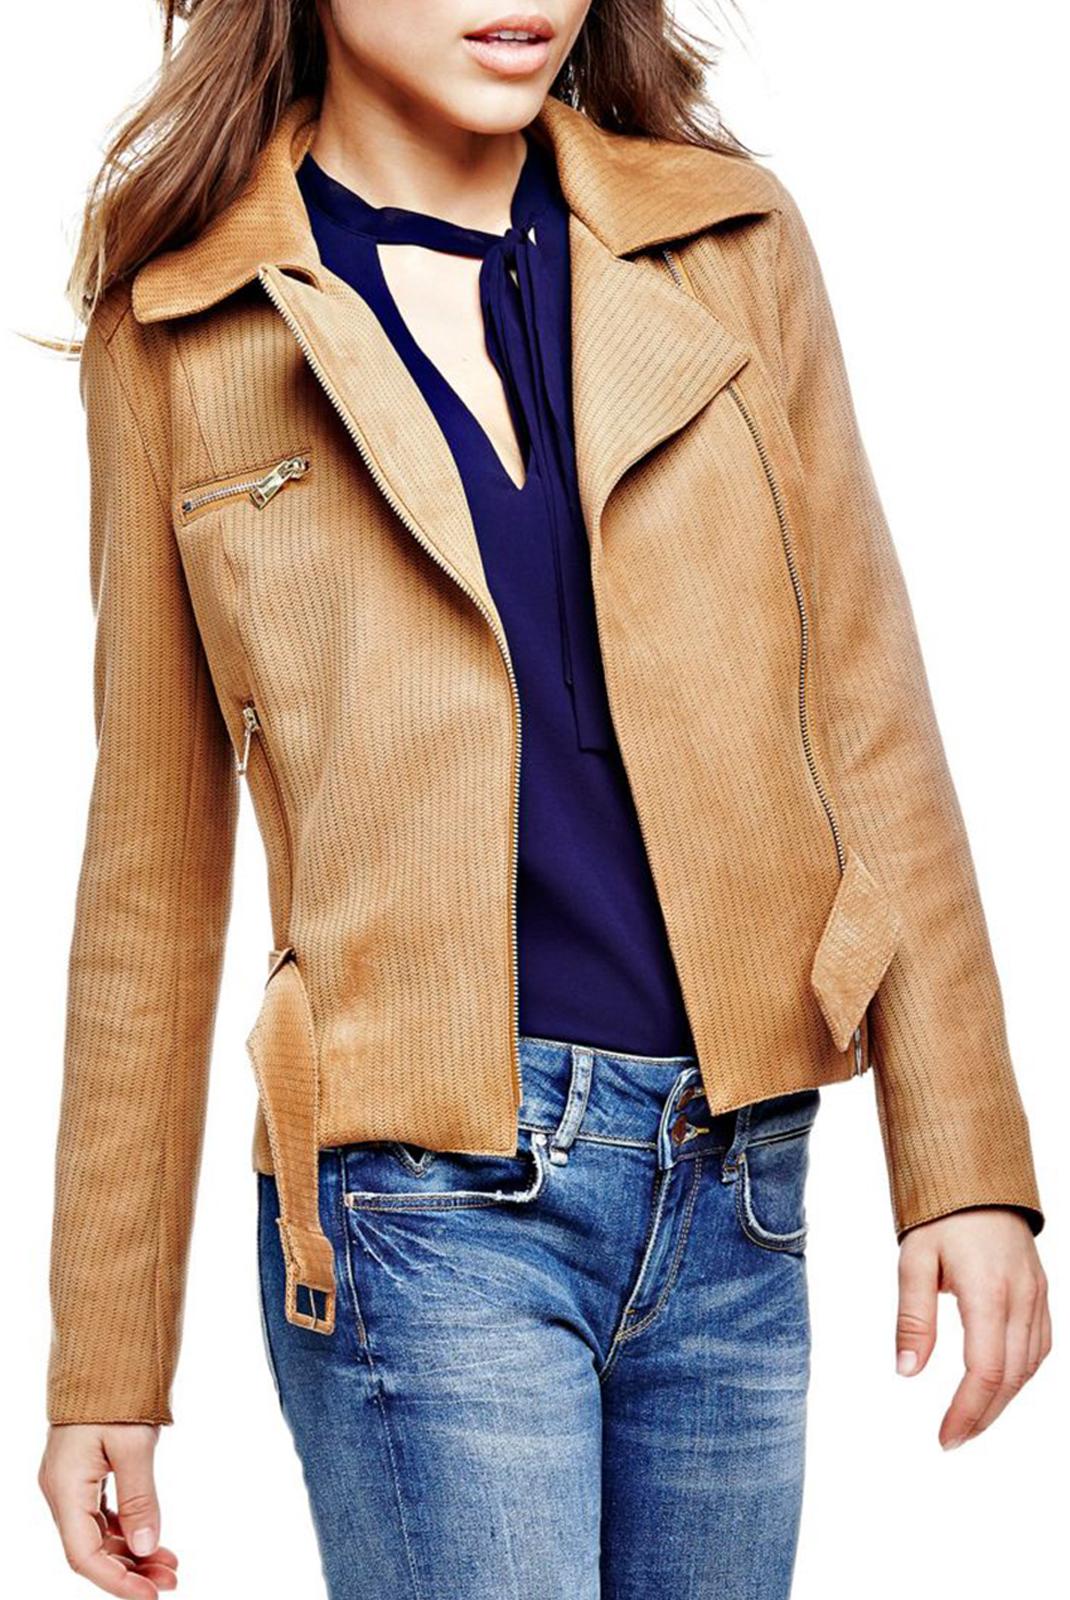 Vestes & blousons  Guess jeans W64L15W7UT0 G154